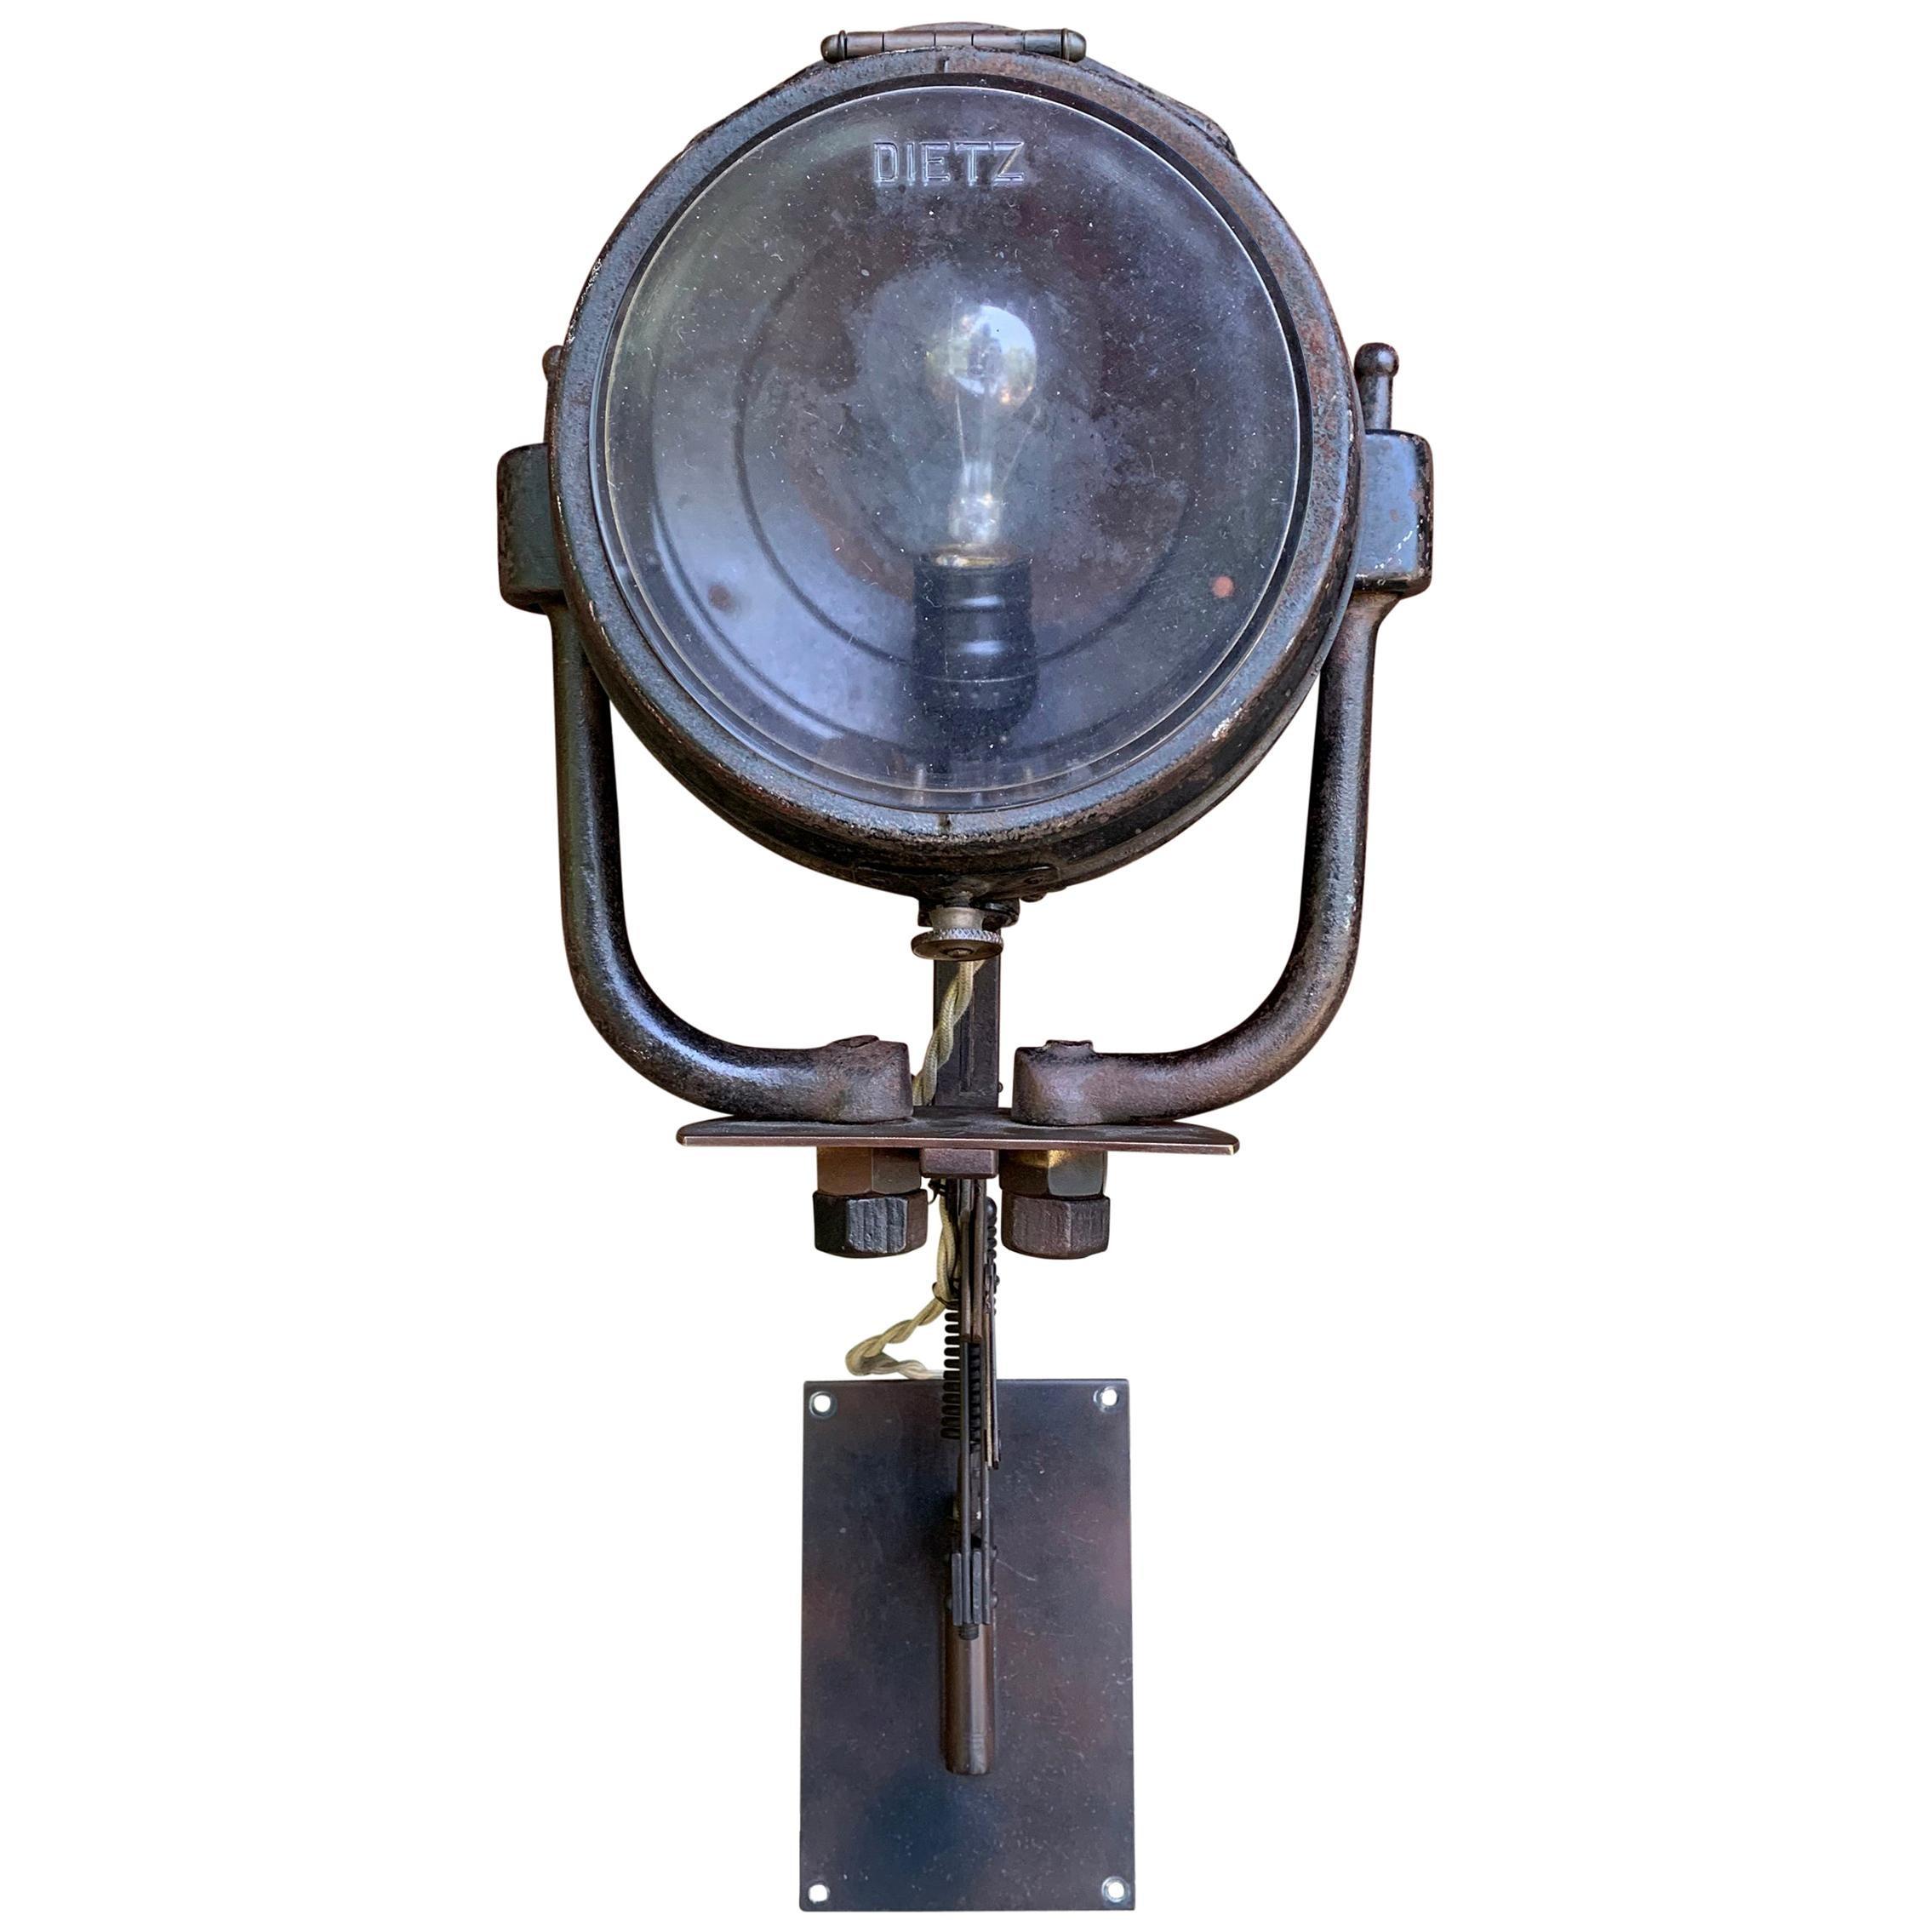 Vintage American Industrial Swing-Arm Extension Lamp